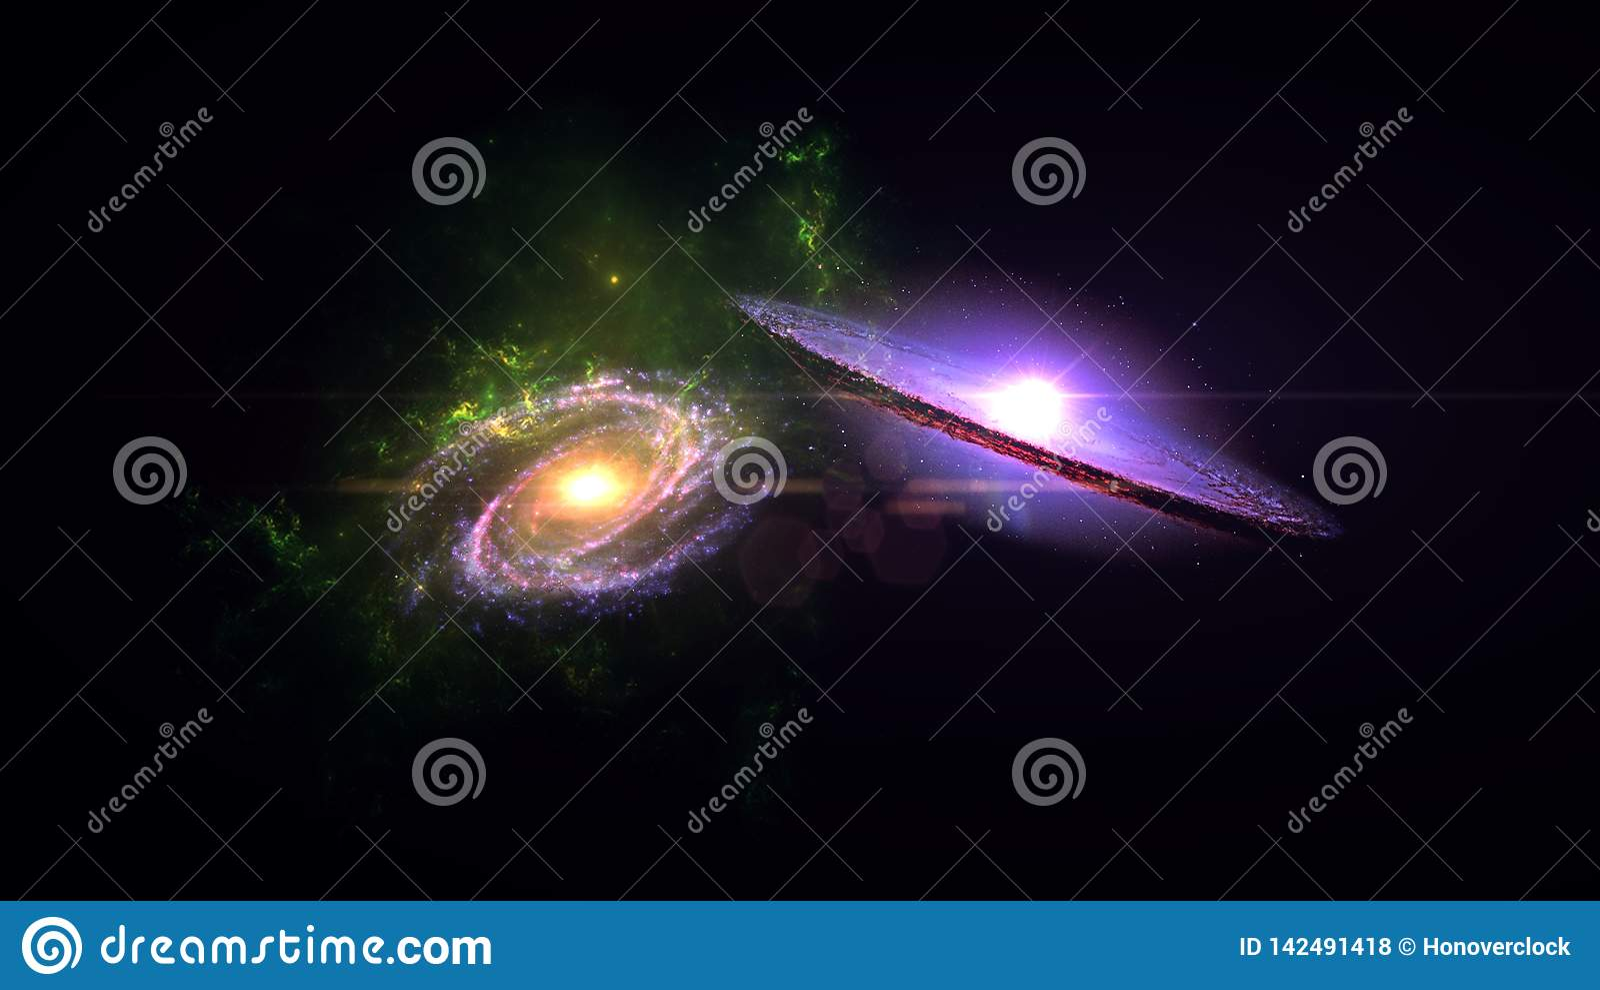 Pair of galaxies